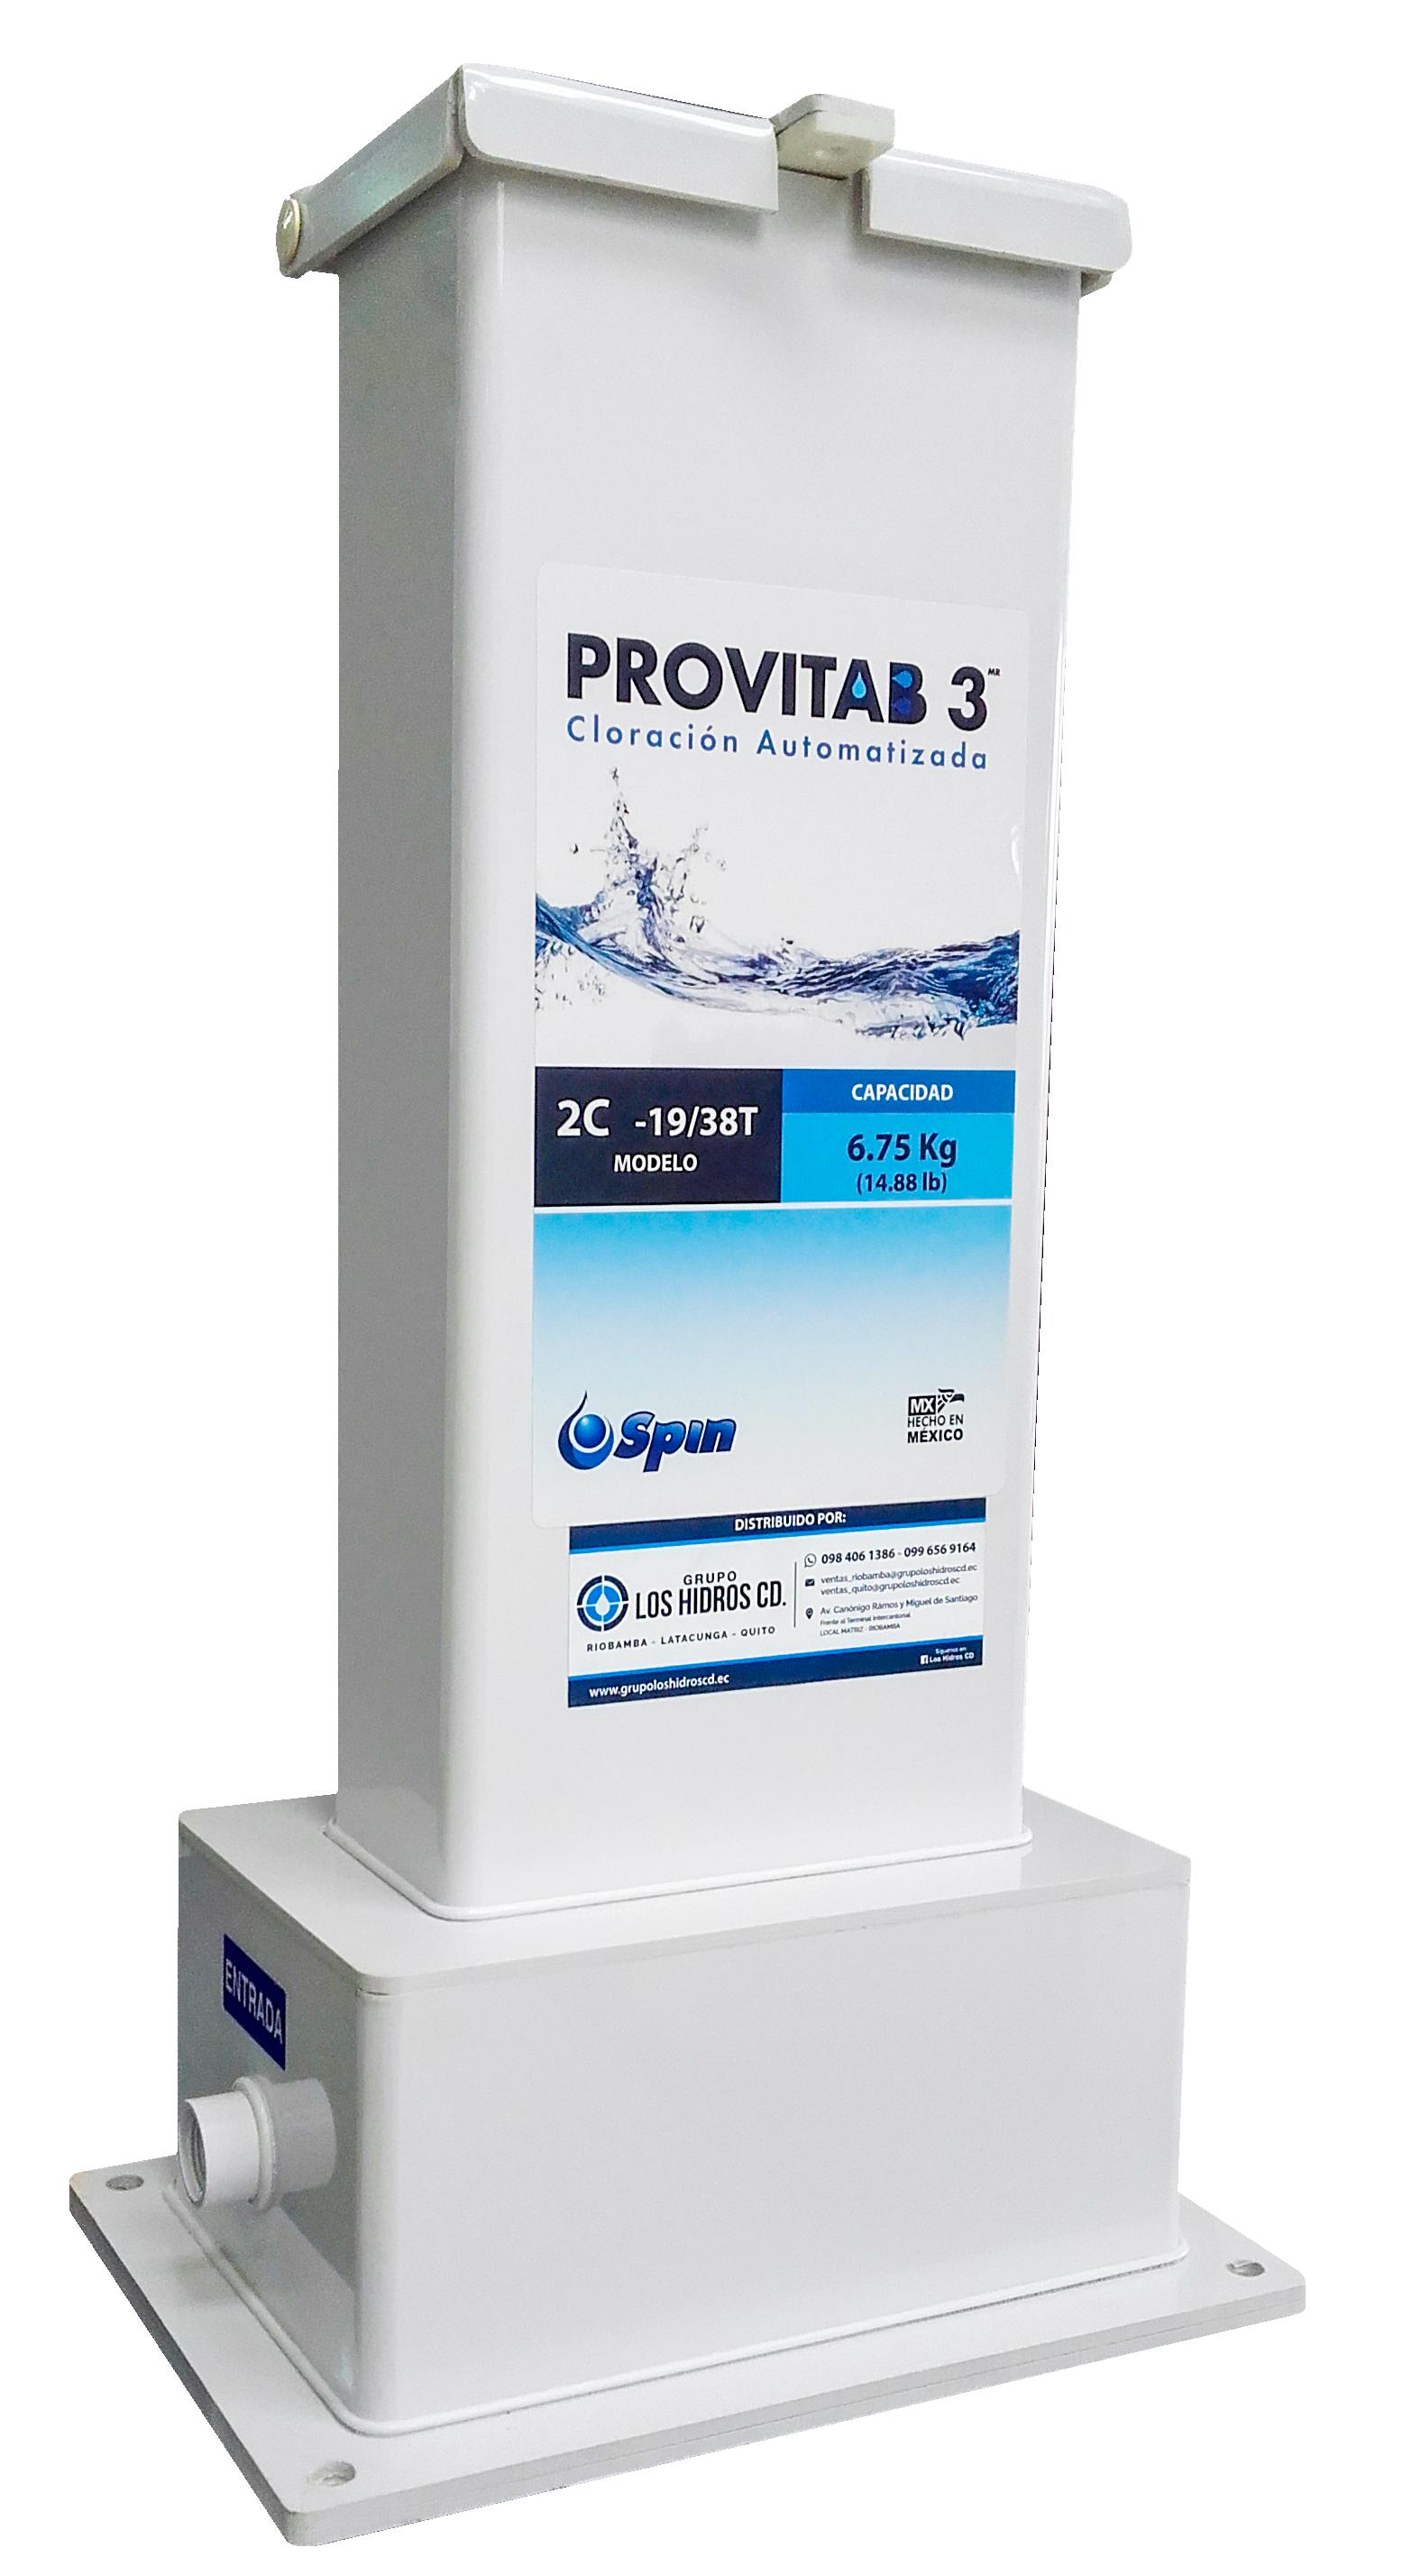 clorado-provitab-riobamba-hidros-aguapotable-alcantarillado-riego-quito